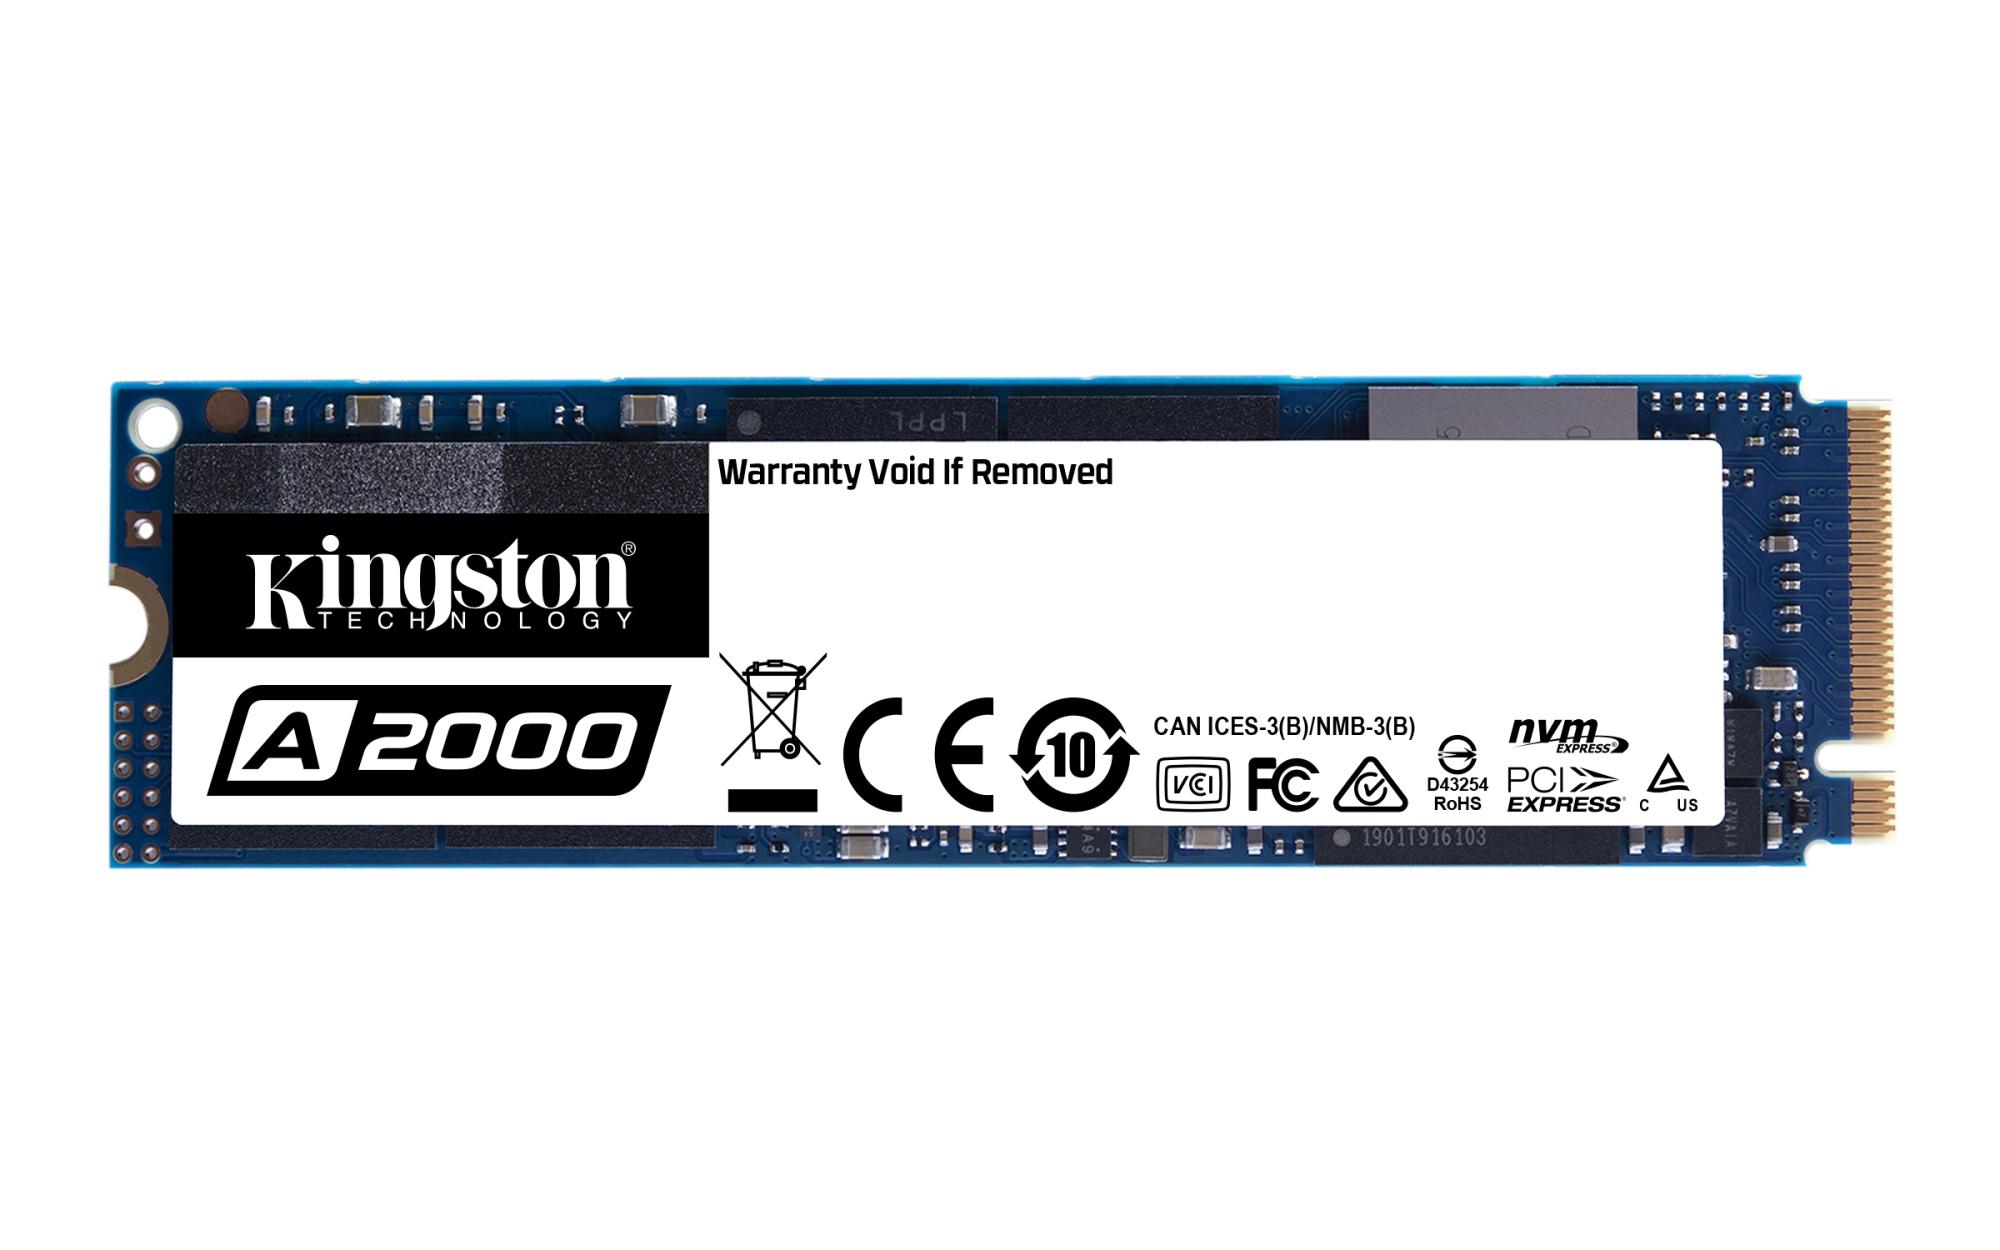 A2000 UNIDAD DE ESTADO SóLIDO M.2 500 GB PCI EXPRESS 3.0 NVME